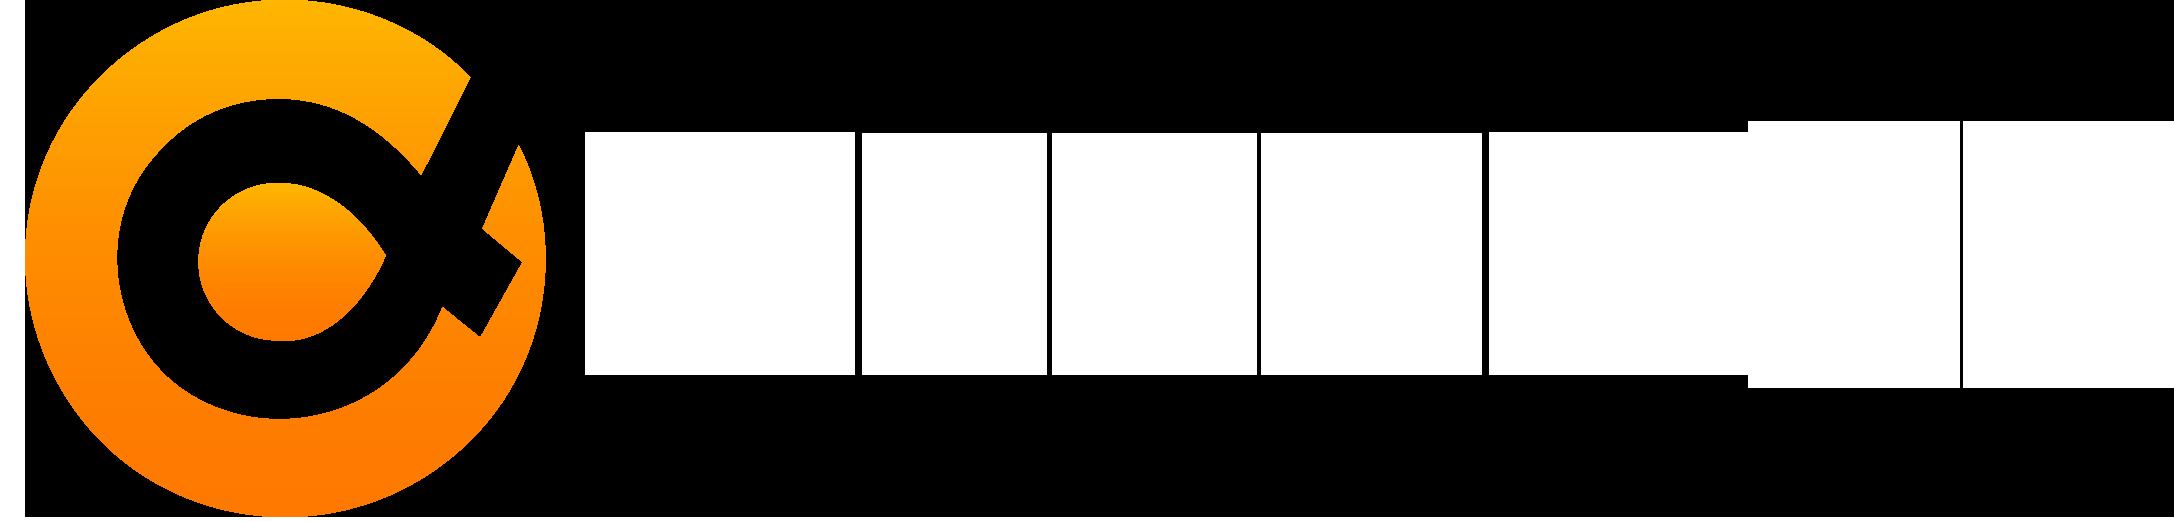 Alpha88 แทงบอล คาสิโน Alpha 88 ฟรีเครดิต ฟรีโบนัส 100%